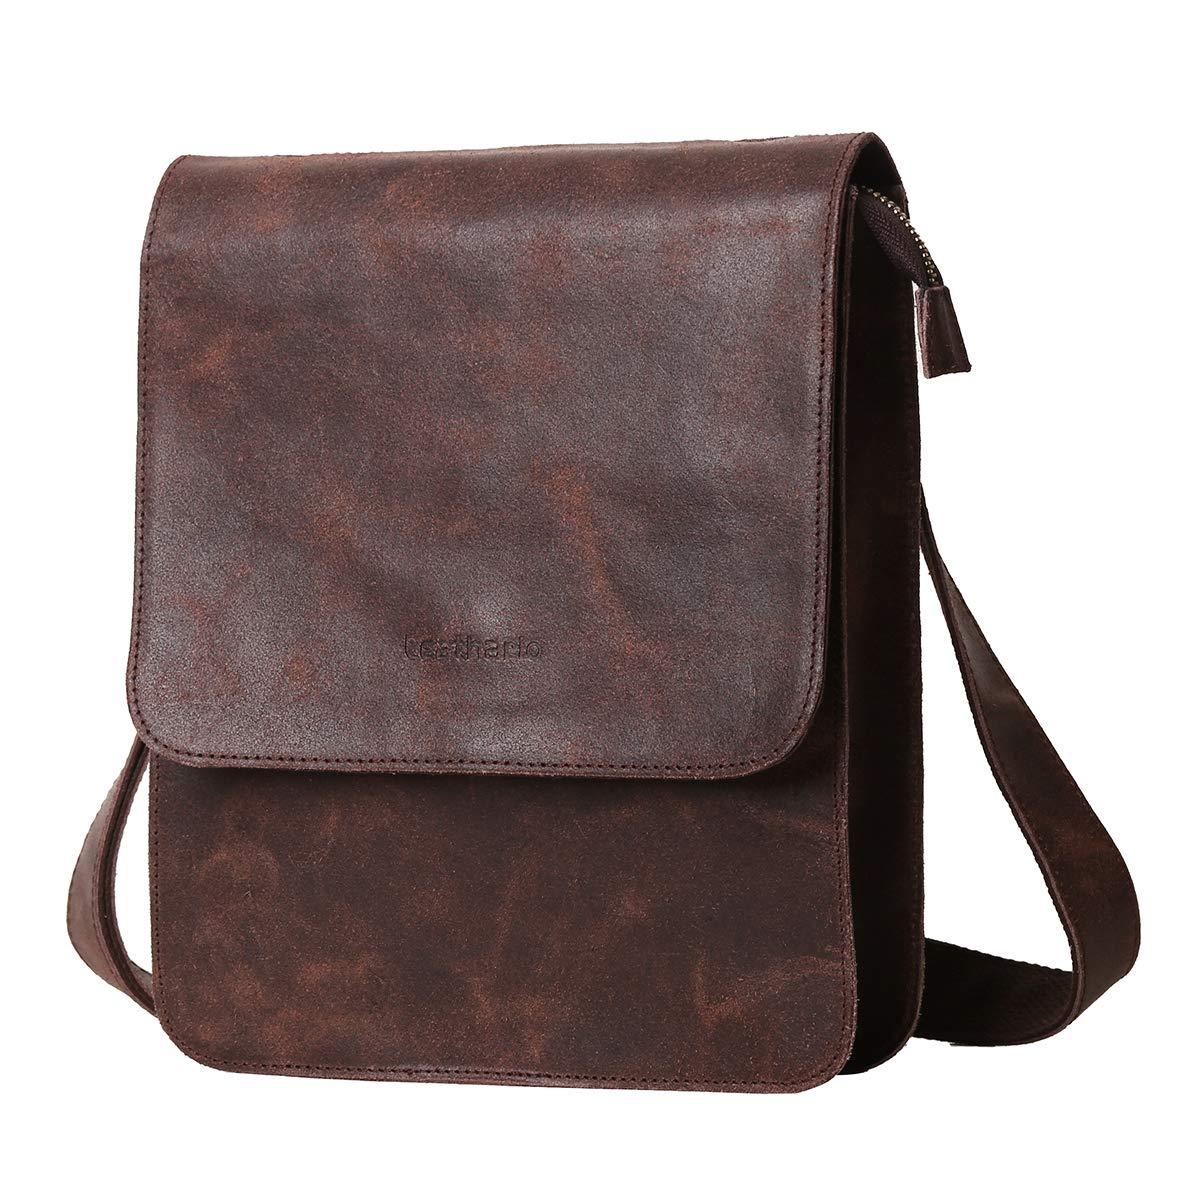 8ef1d651a4a Leathario Men s Leather Shoulder Bag Messenger Bag Crossbody Bag 11 inch  Ipad Bag Satchel Bag Brown (brown-604)